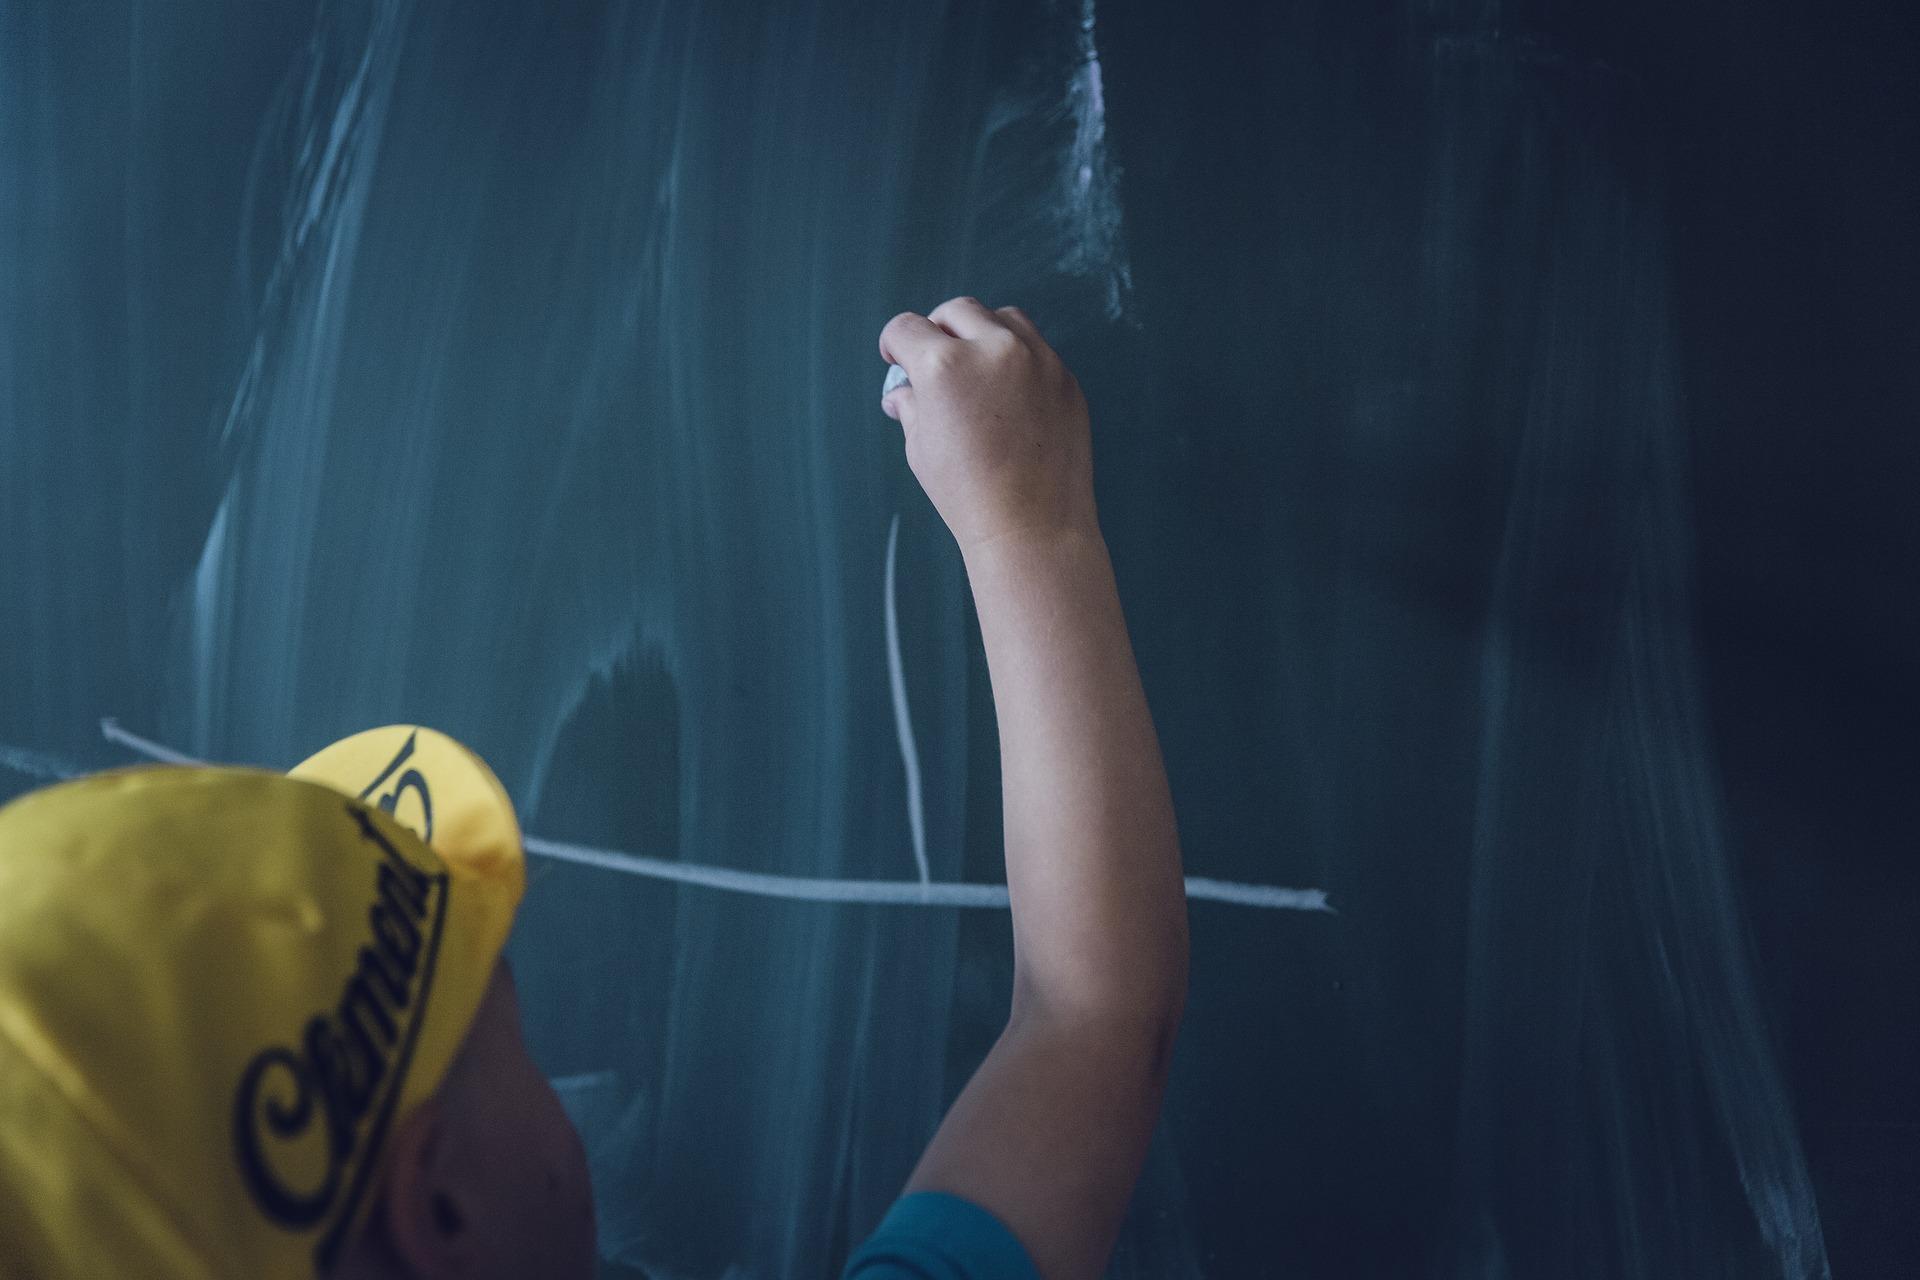 dzieci szkoła tablica - pixabay